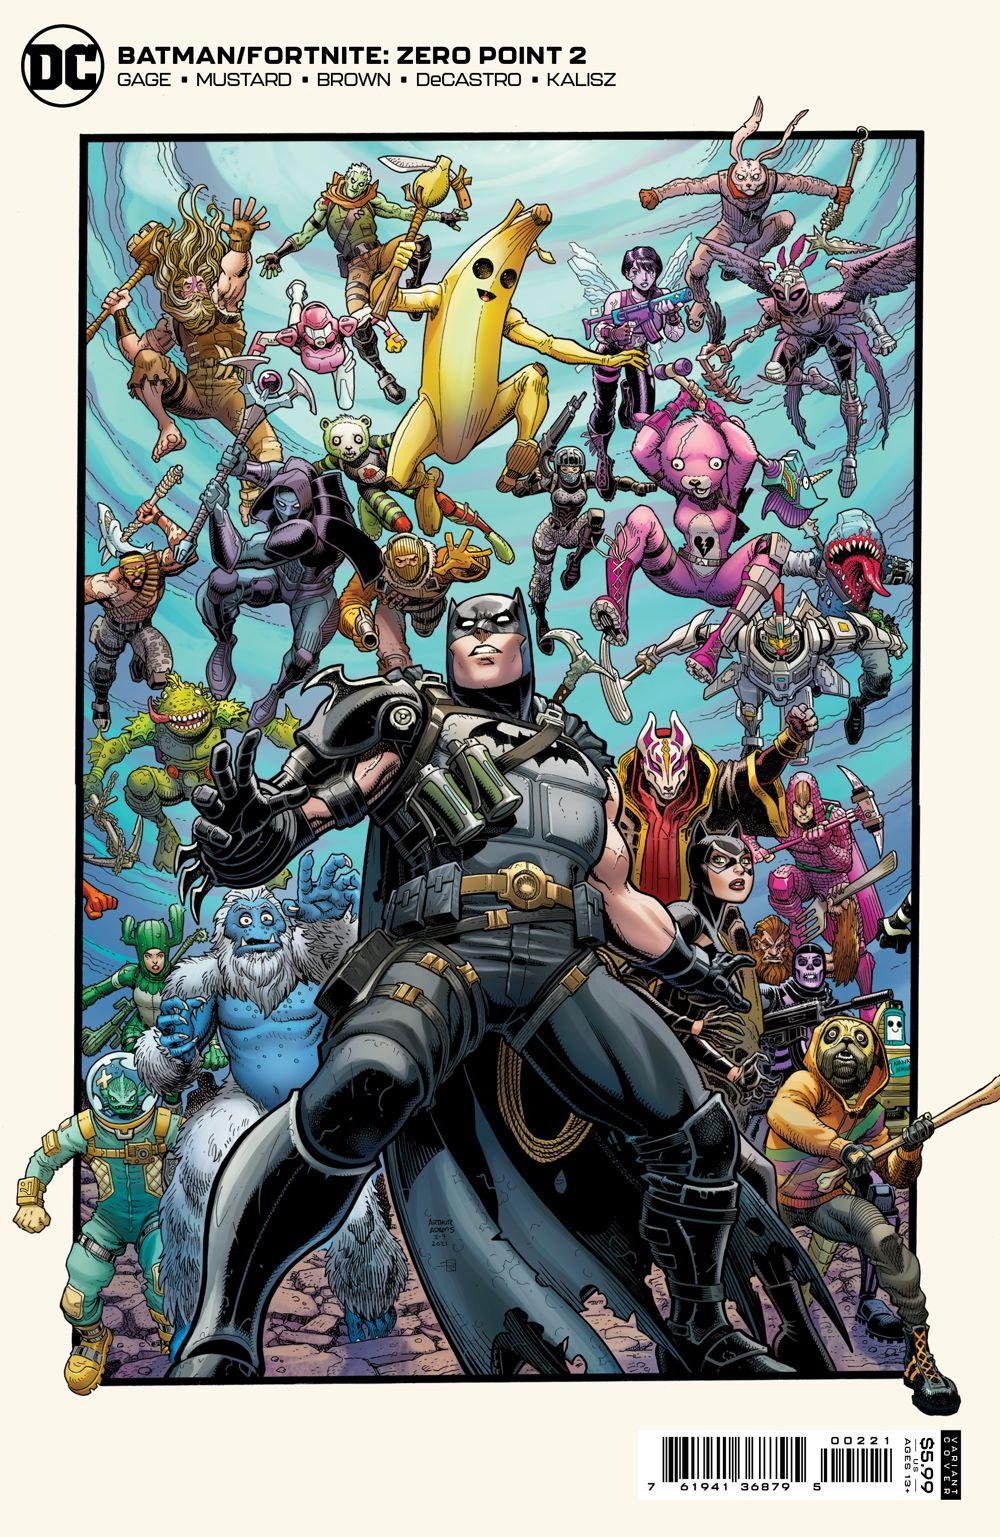 BMFNZP_Cv2_VAR DC Comics June 2021 Solicitations